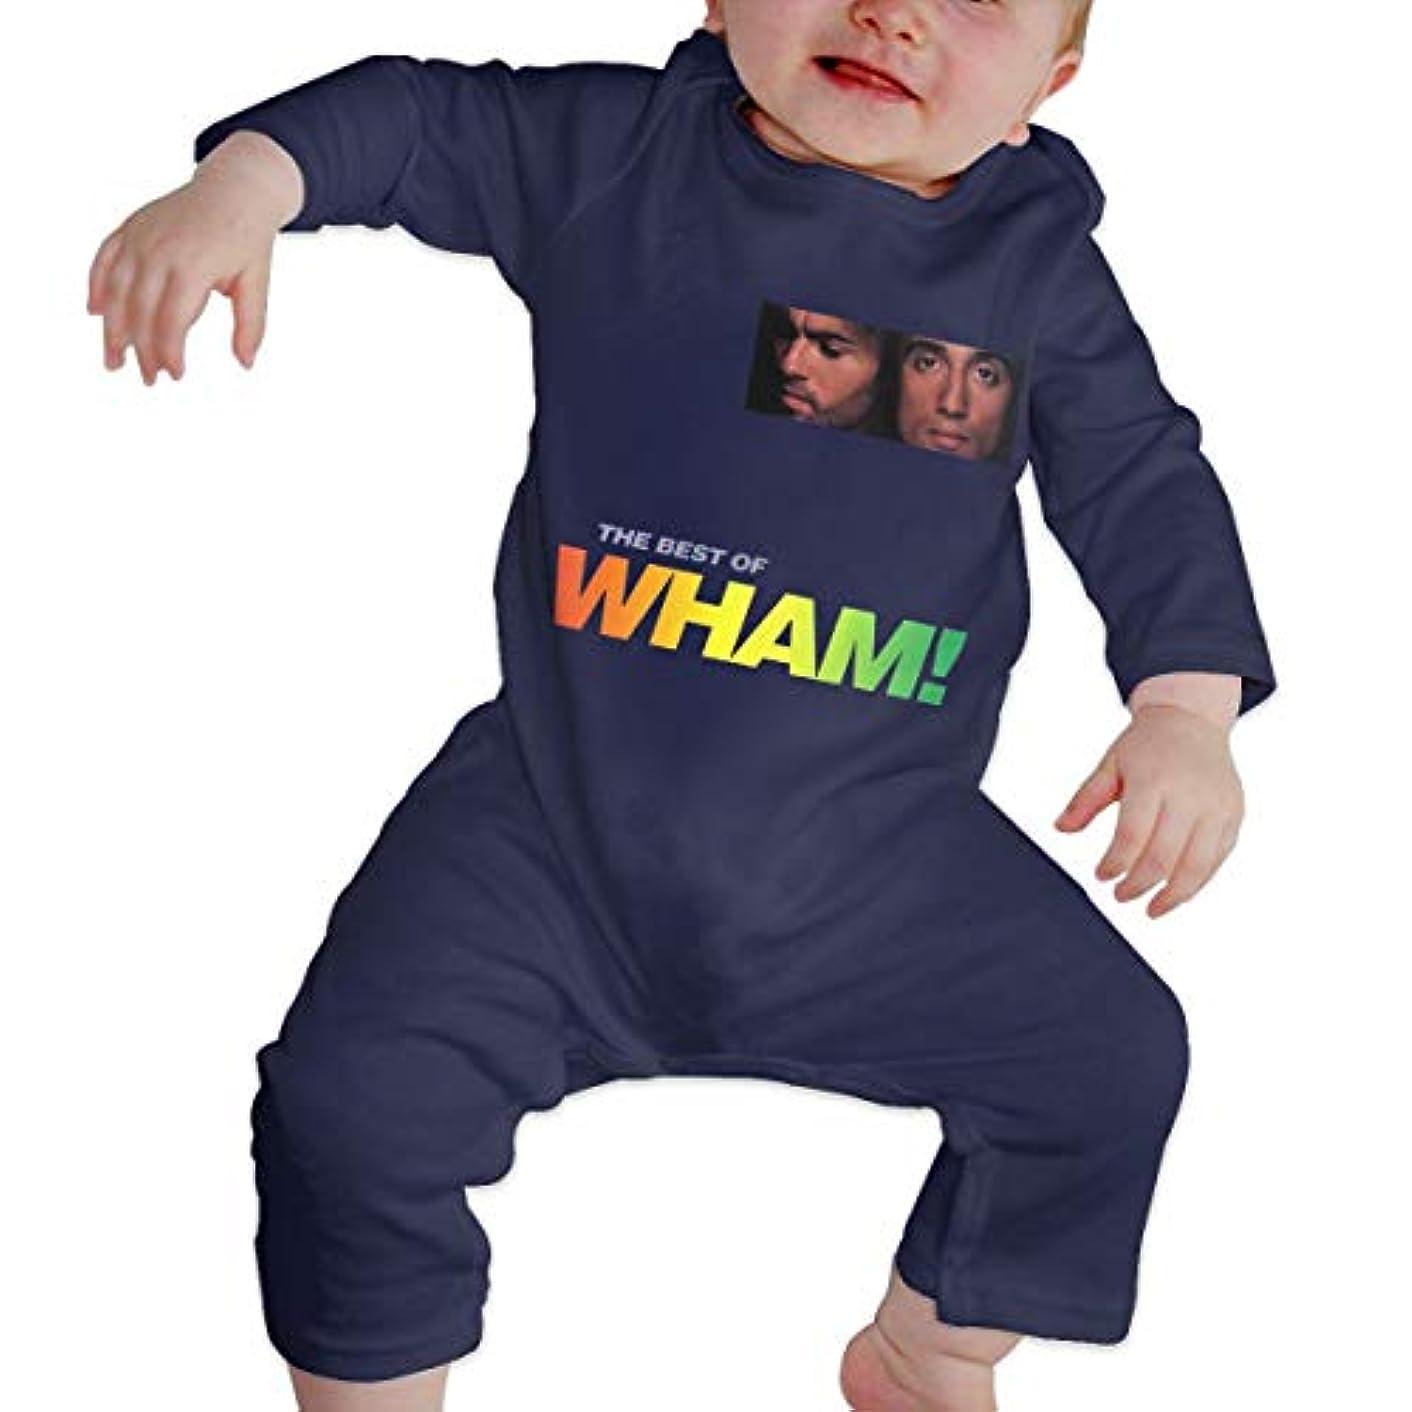 泣き叫ぶ炭水化物ポップBaby's、Kid's、Infant Utility、Cotton ジャンプスーツ、ロンパース、衣類、ボディスーツユニセックスベビークローラーNavy 2T